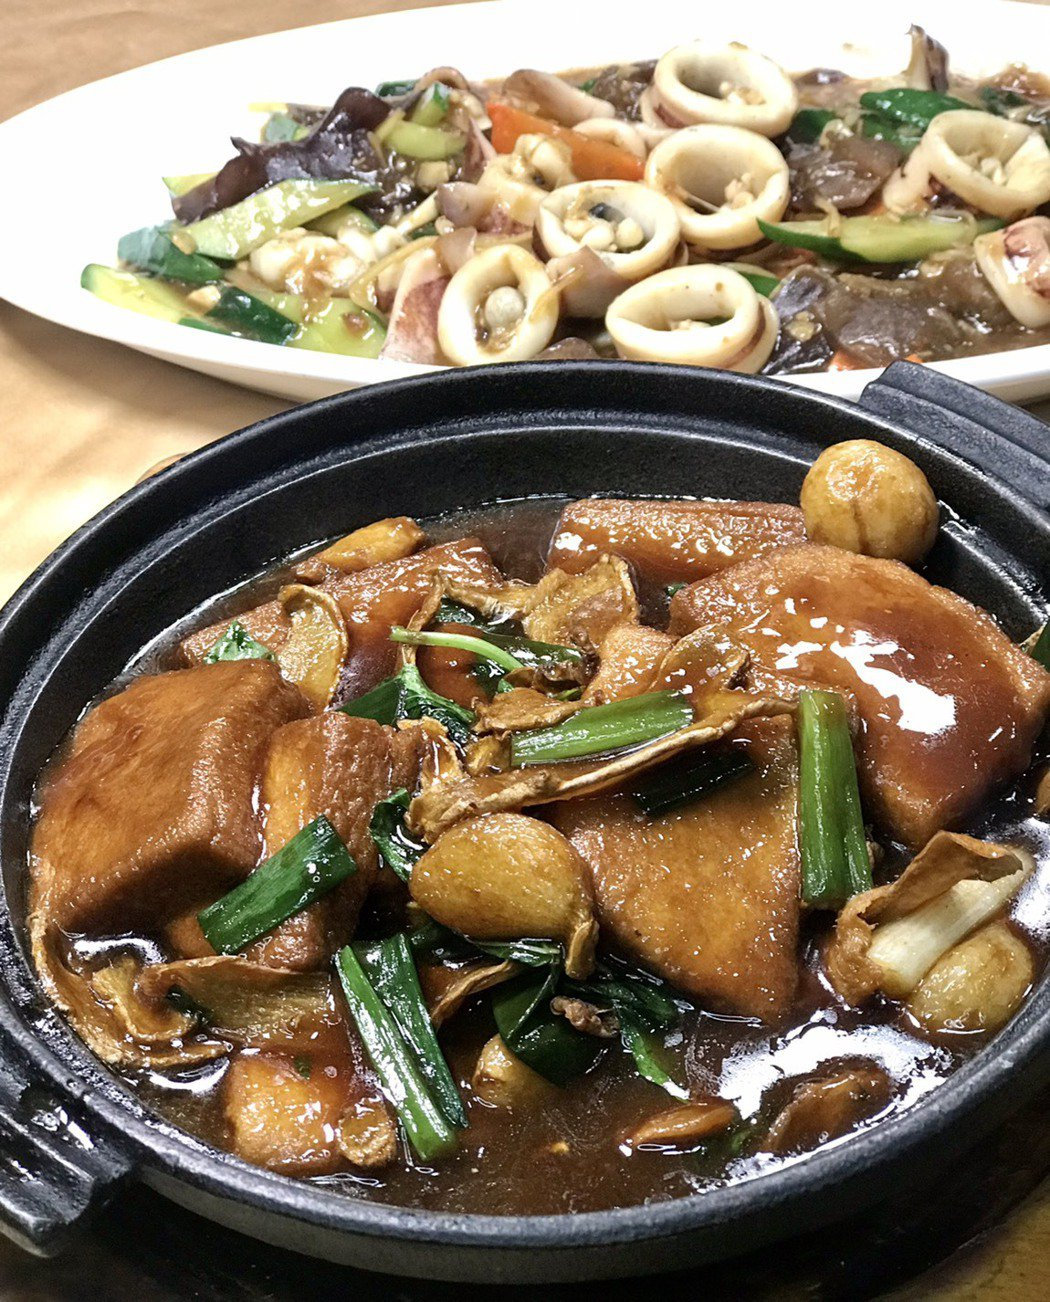 大祥海鮮餐廳將整桌的大菜打六折,推出外帶餐。記者趙容萱/翻攝